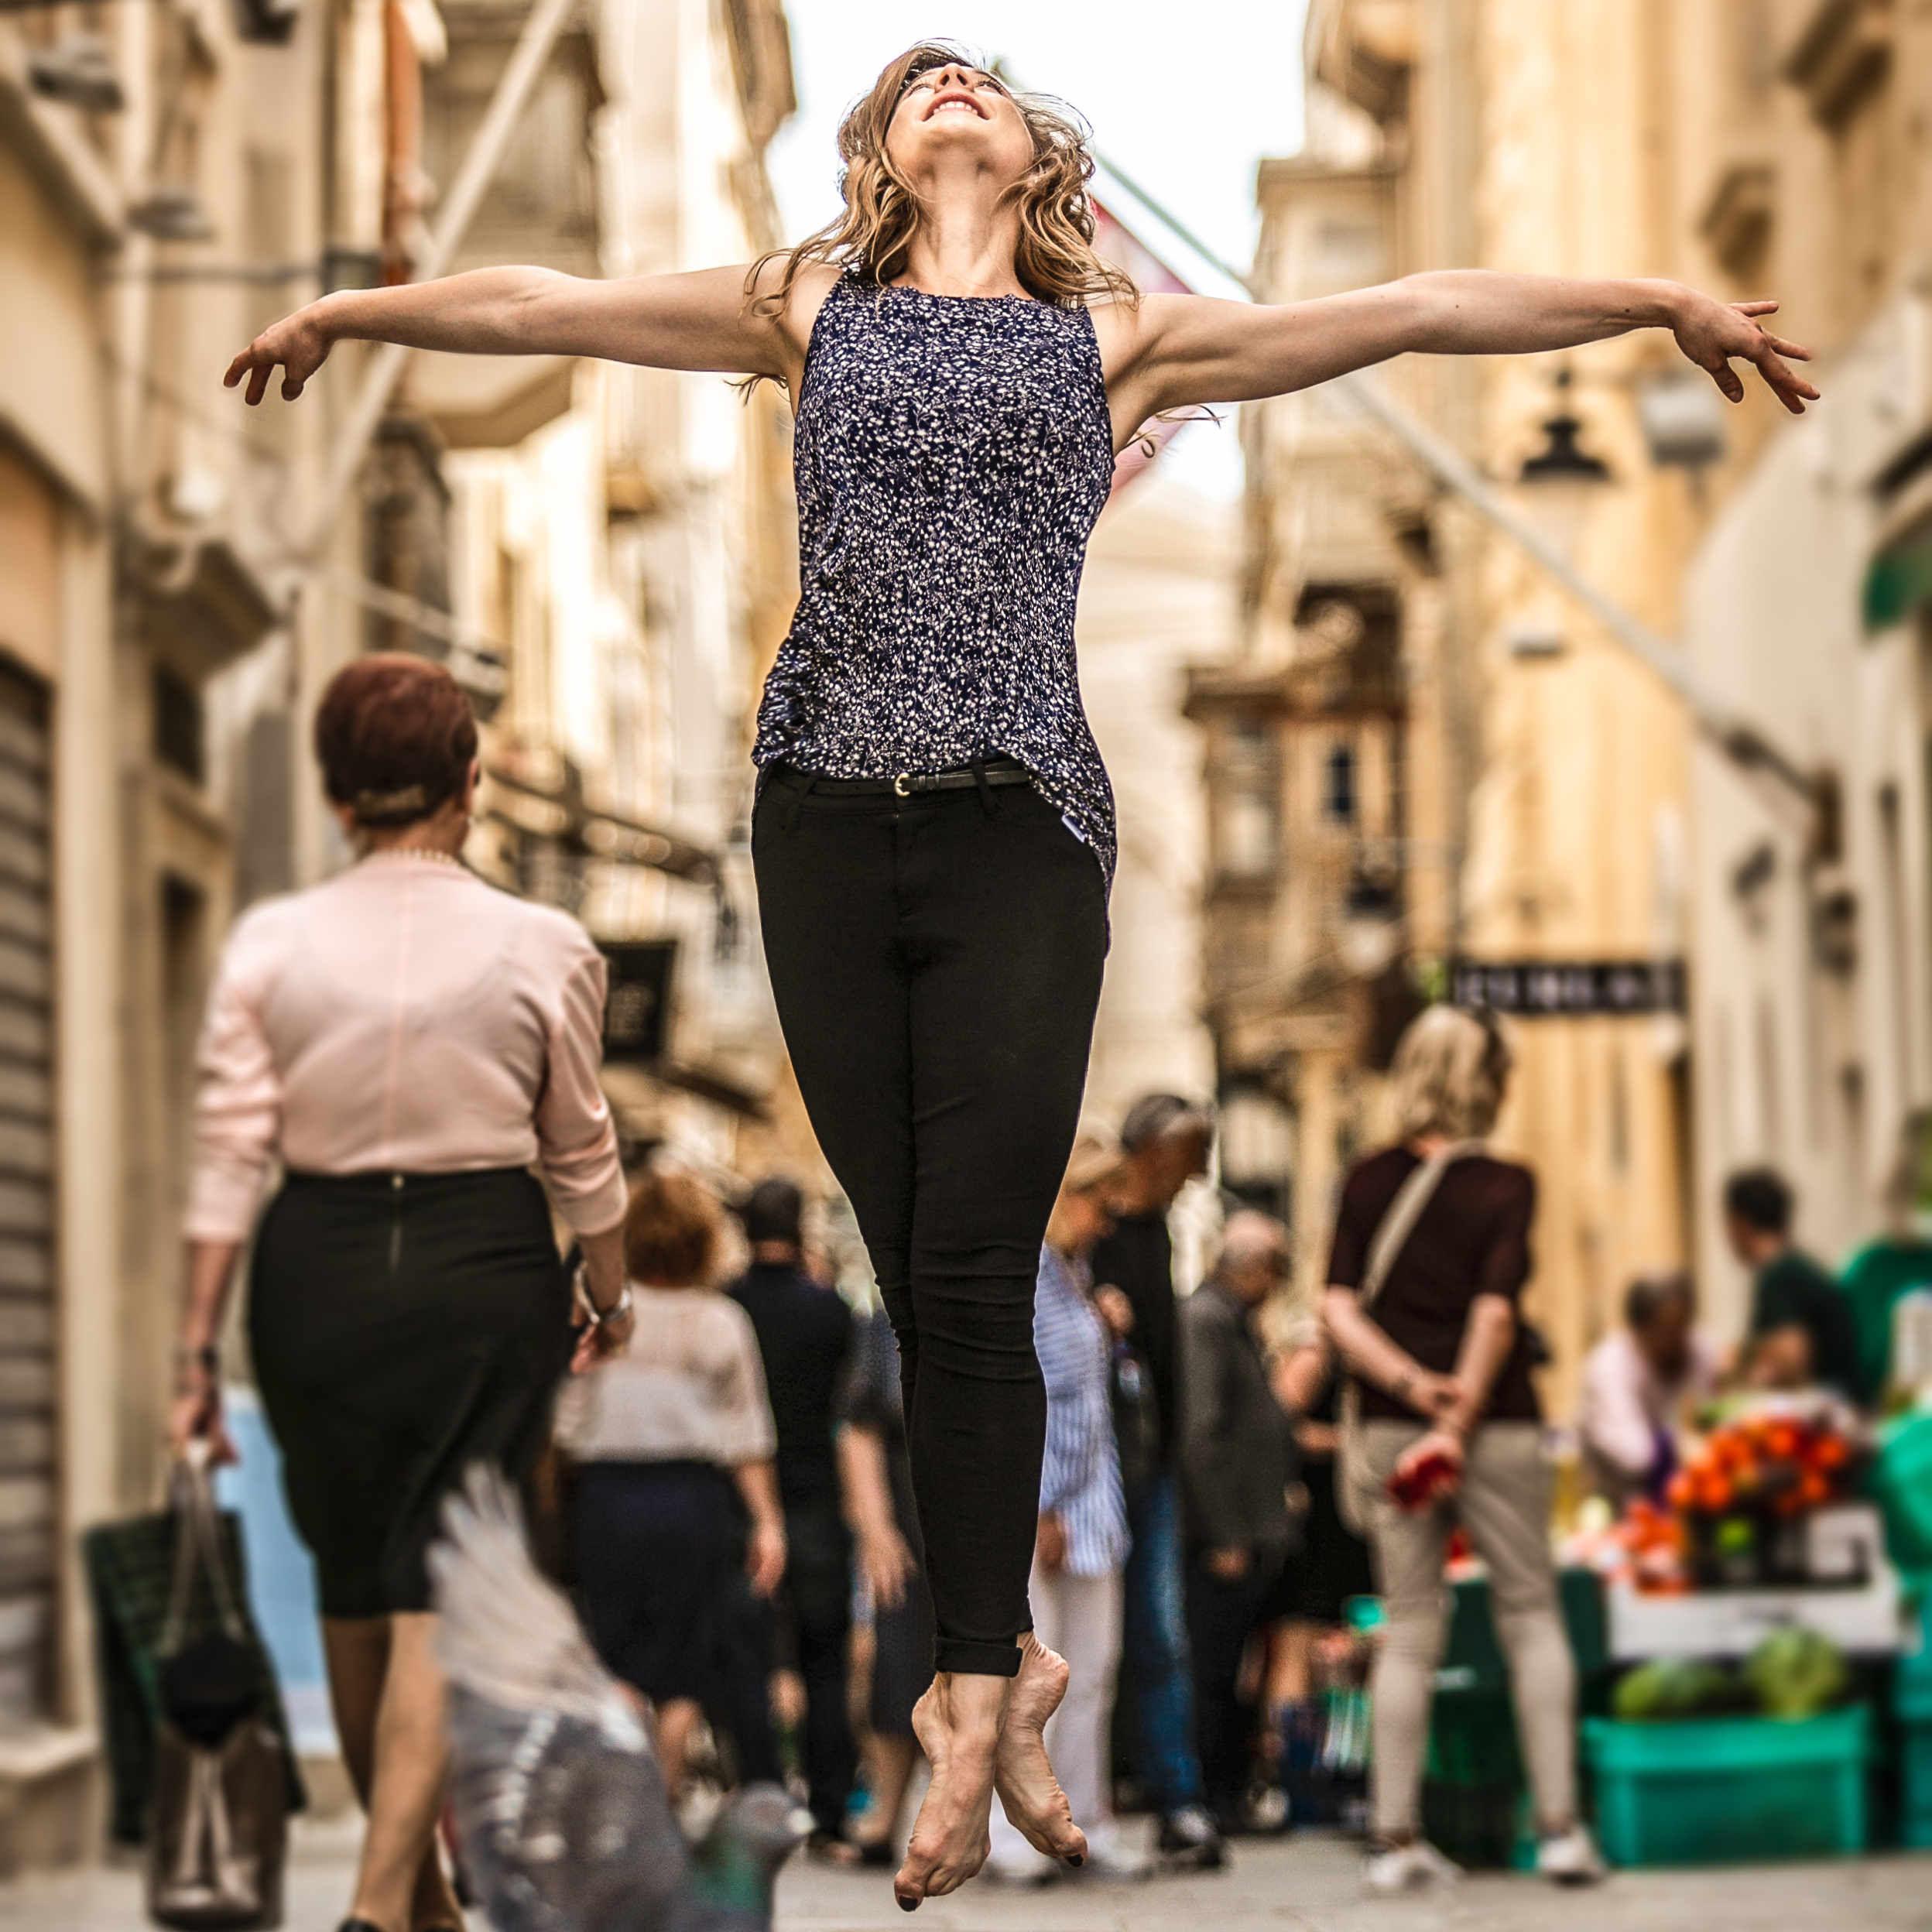 dancer-jump-outside-square.jpg